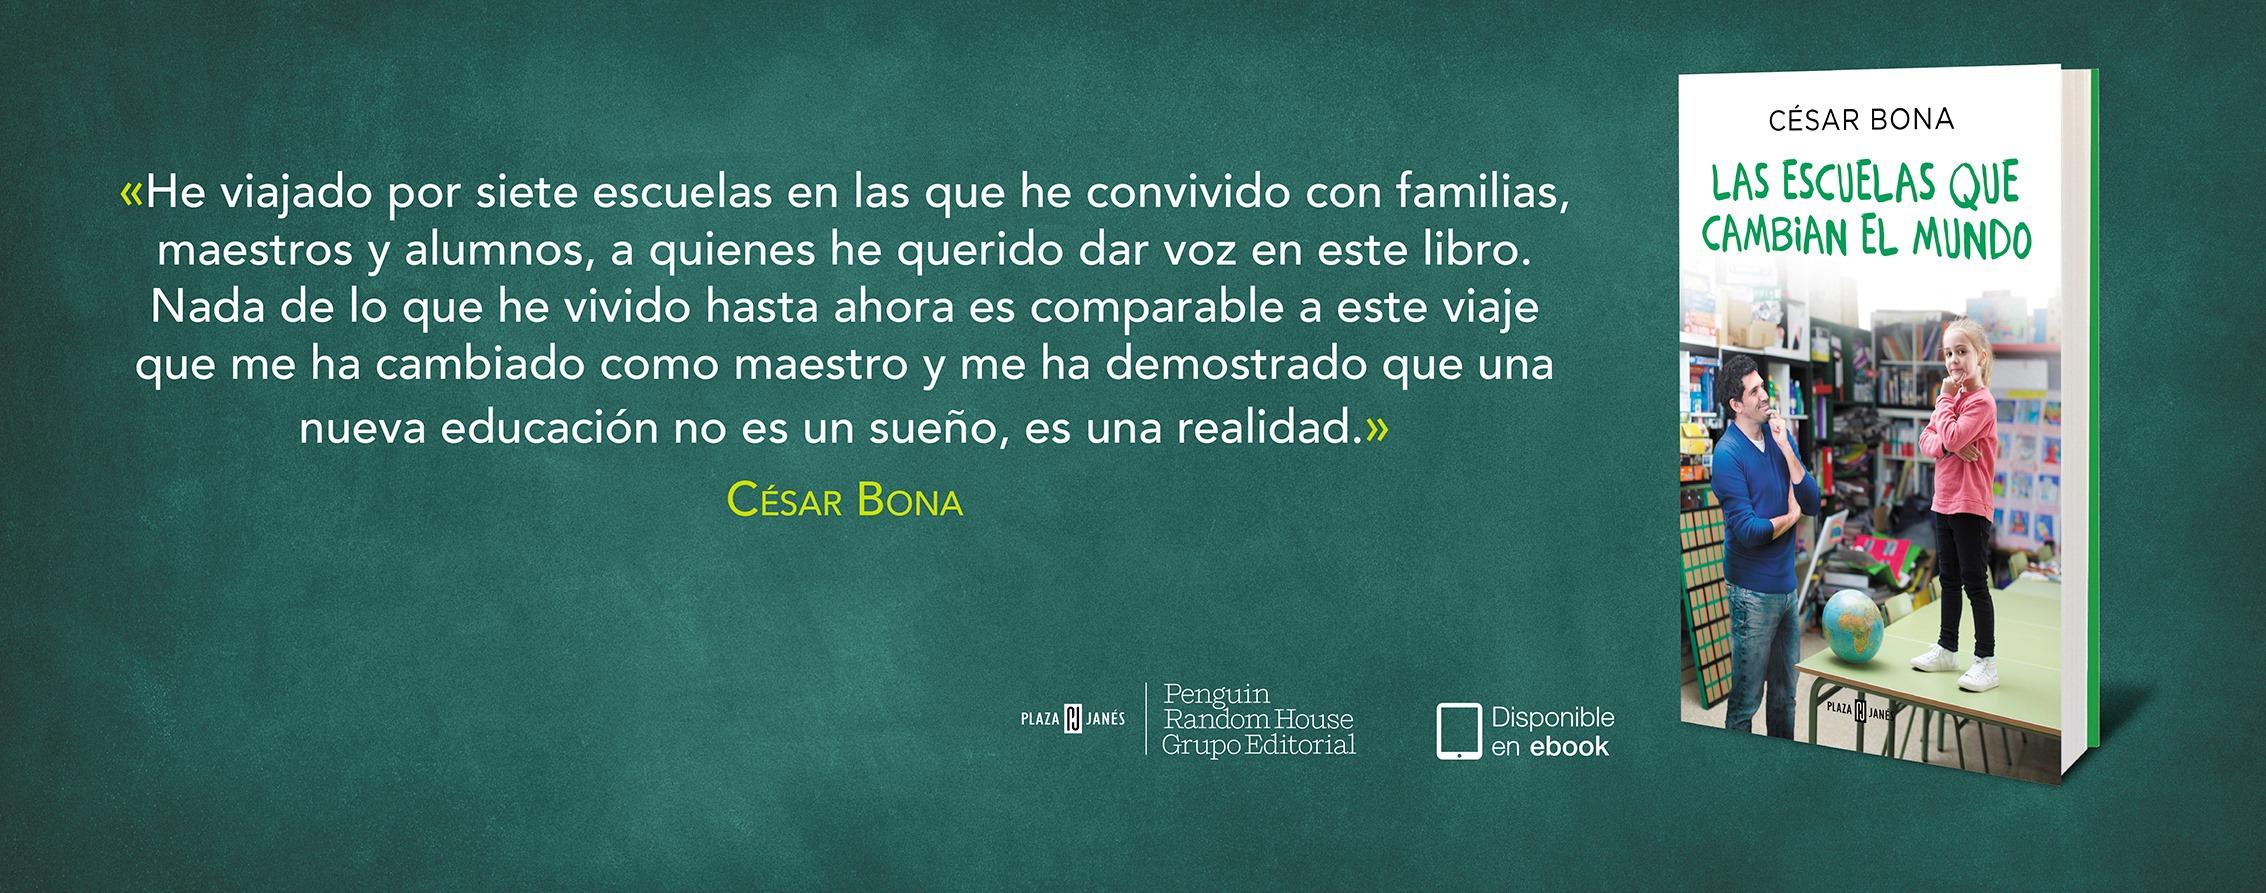 Cesar Bona libro.jpg